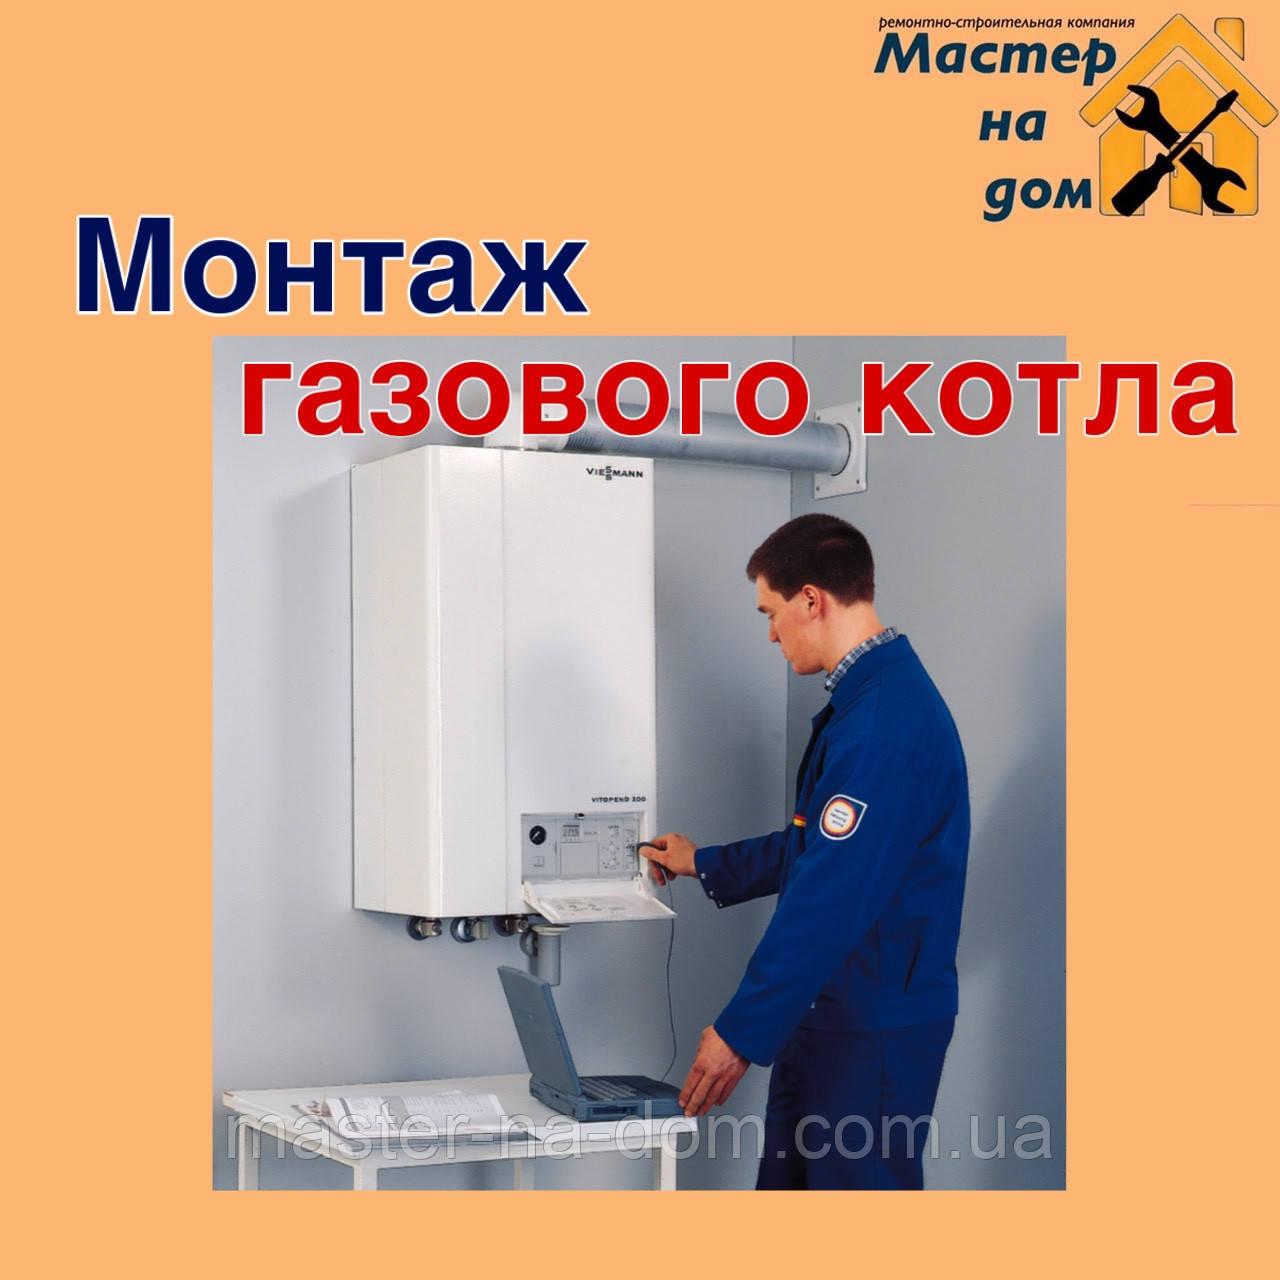 Монтаж газового котла, колонки в Днепре